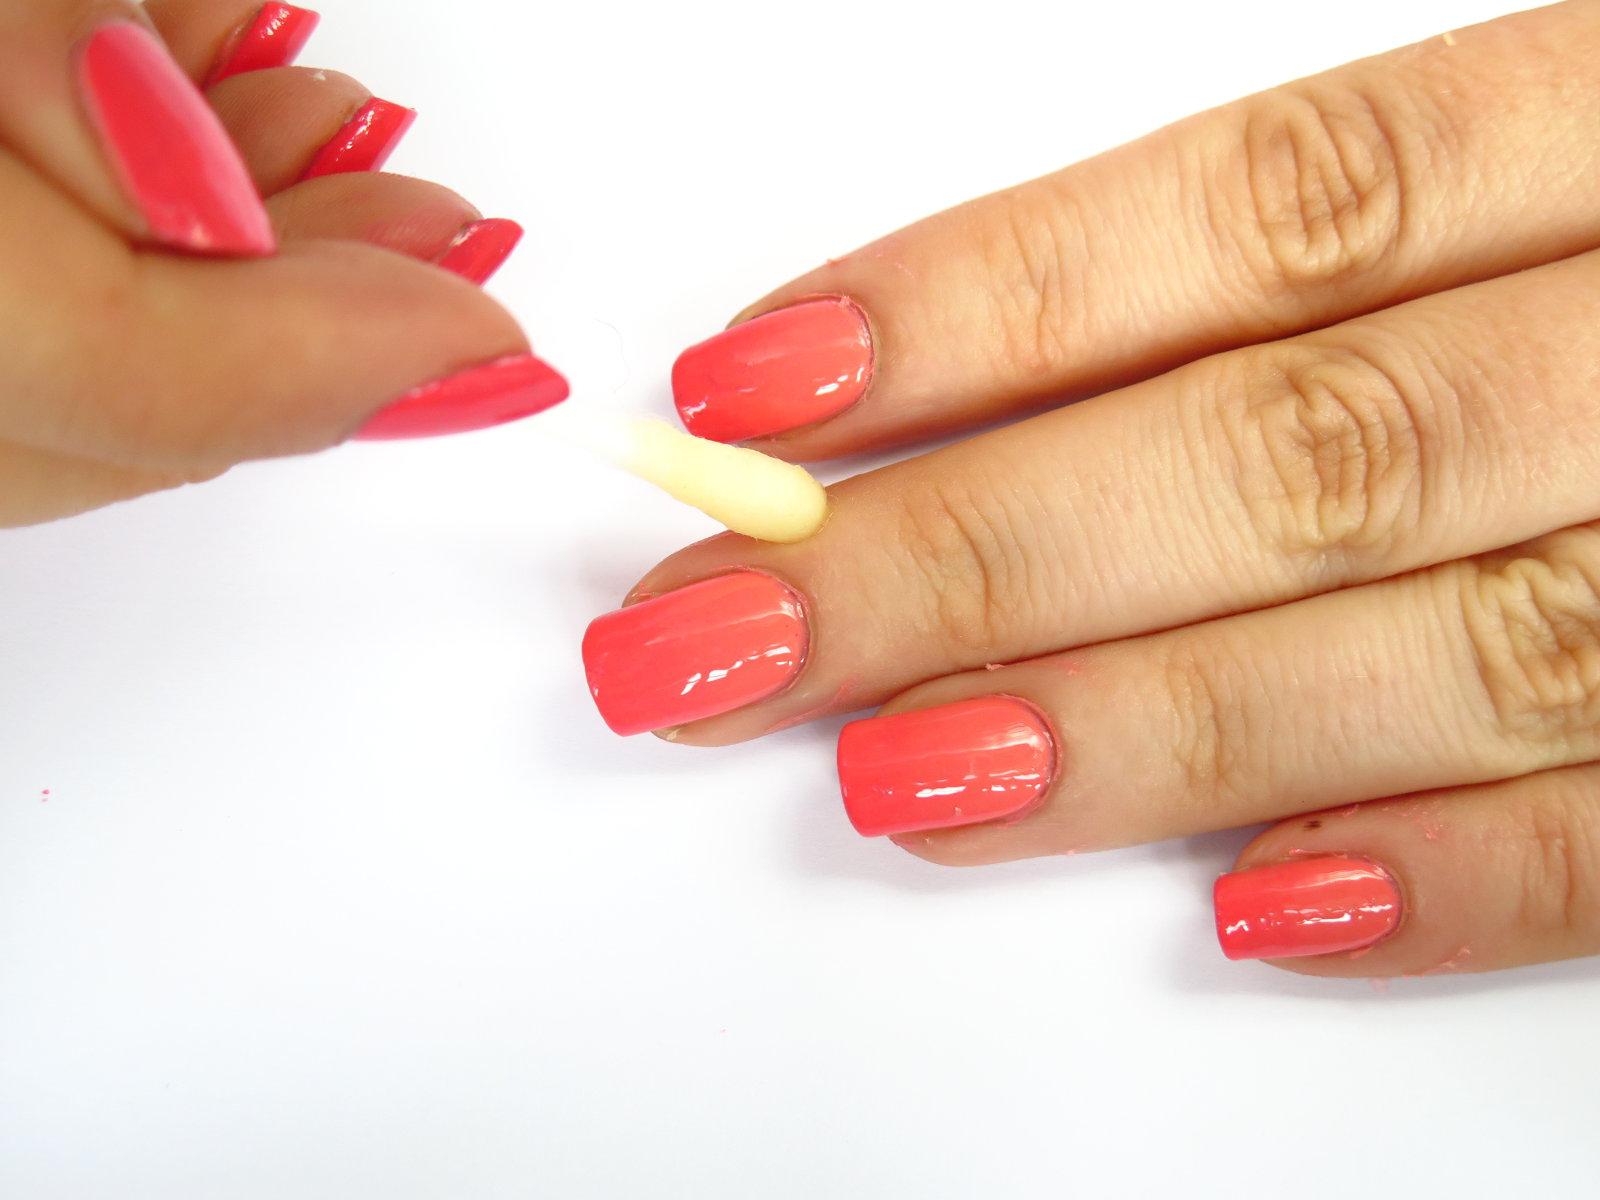 jak czyścić skórki paznokci skórę wokół czym